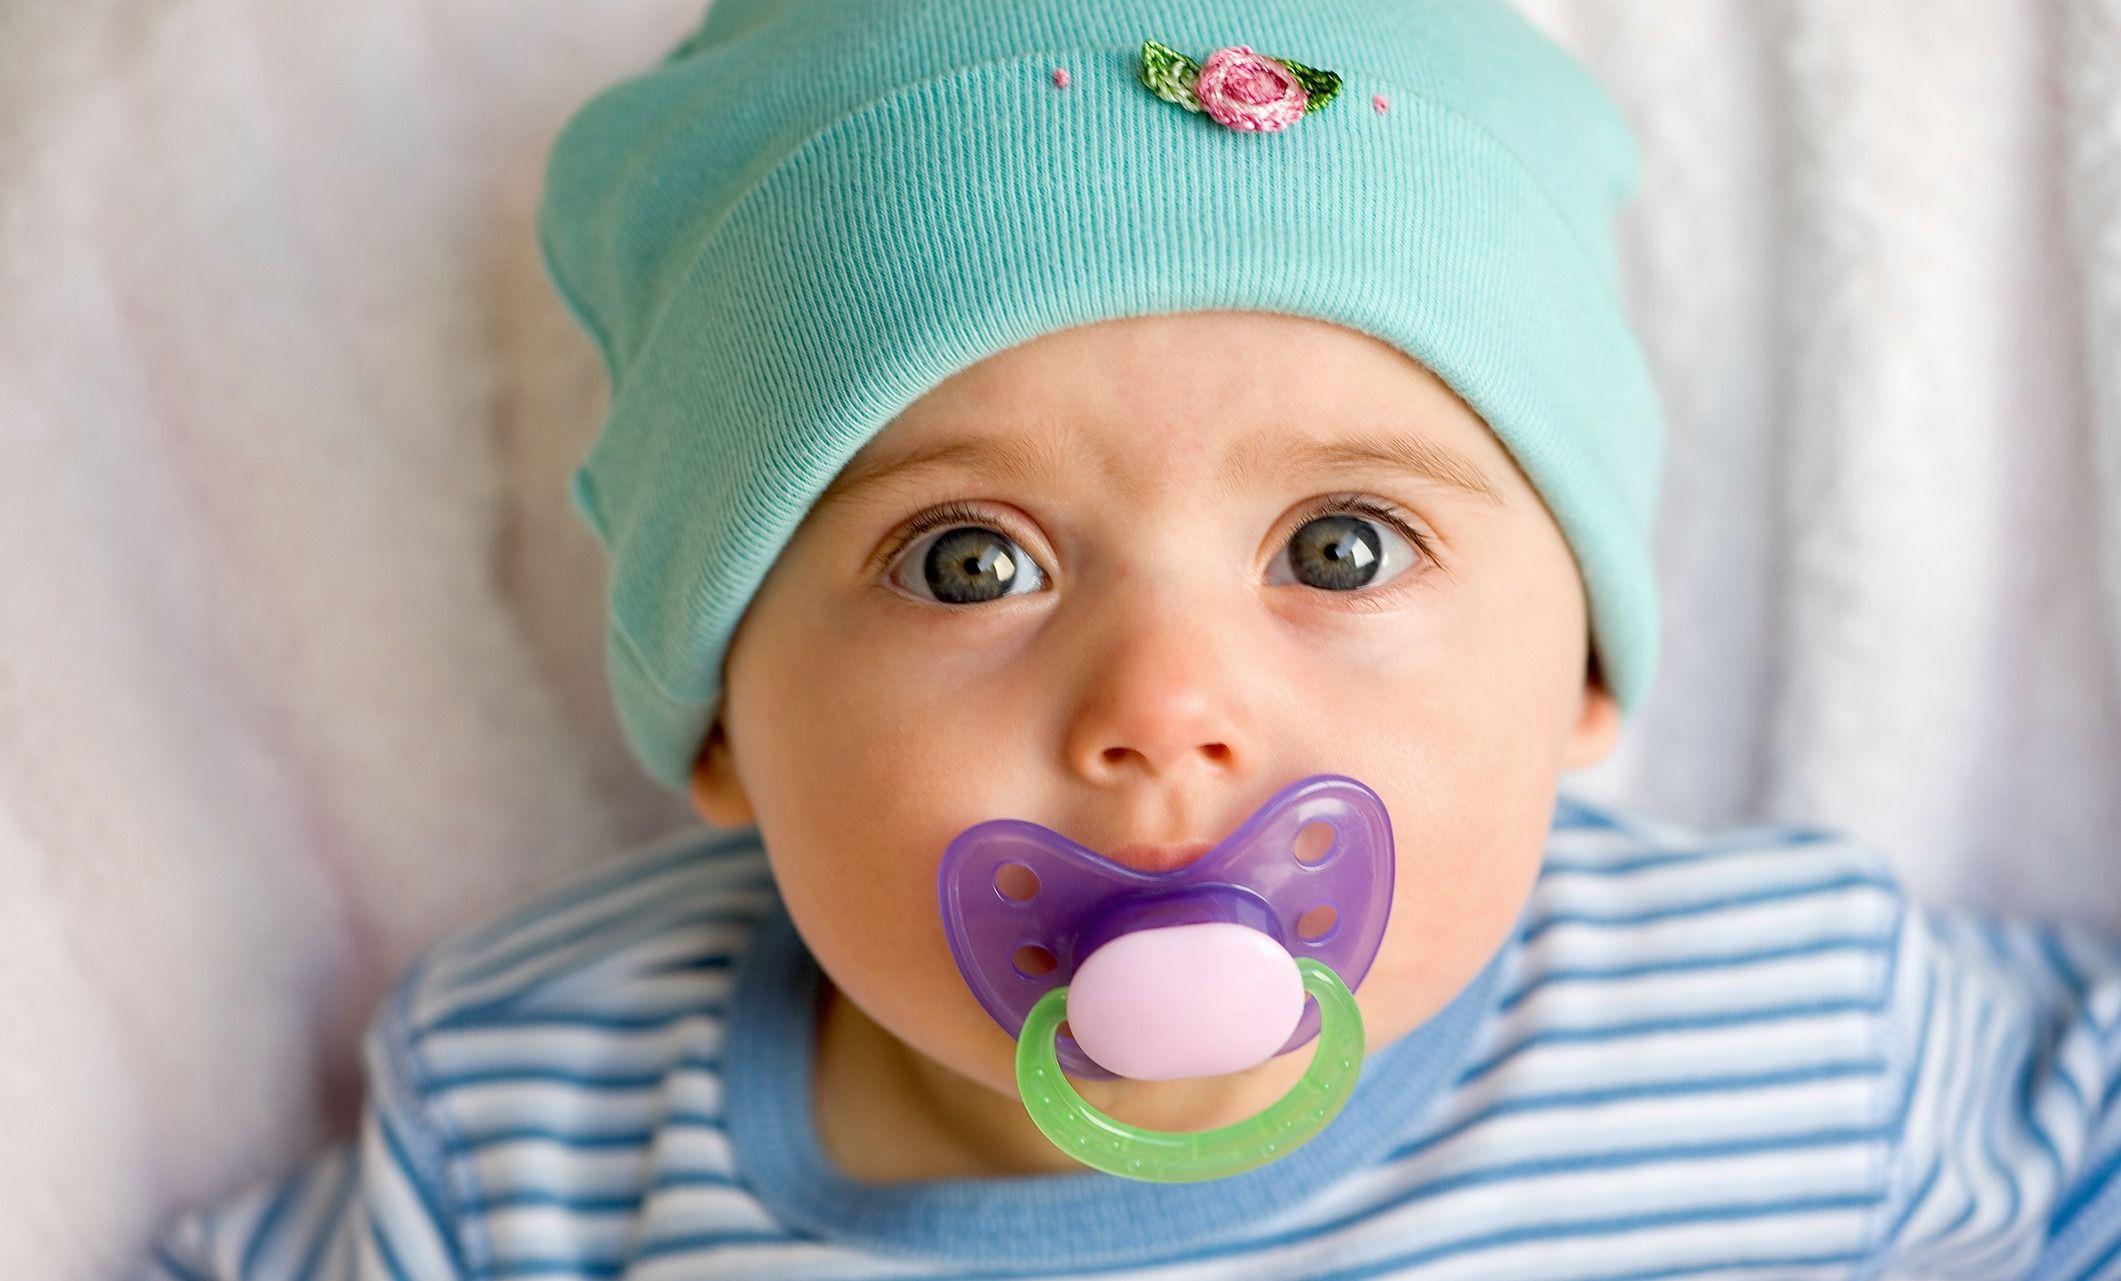 Рождаются с усами и еще 24 невероятных факта о младенцах